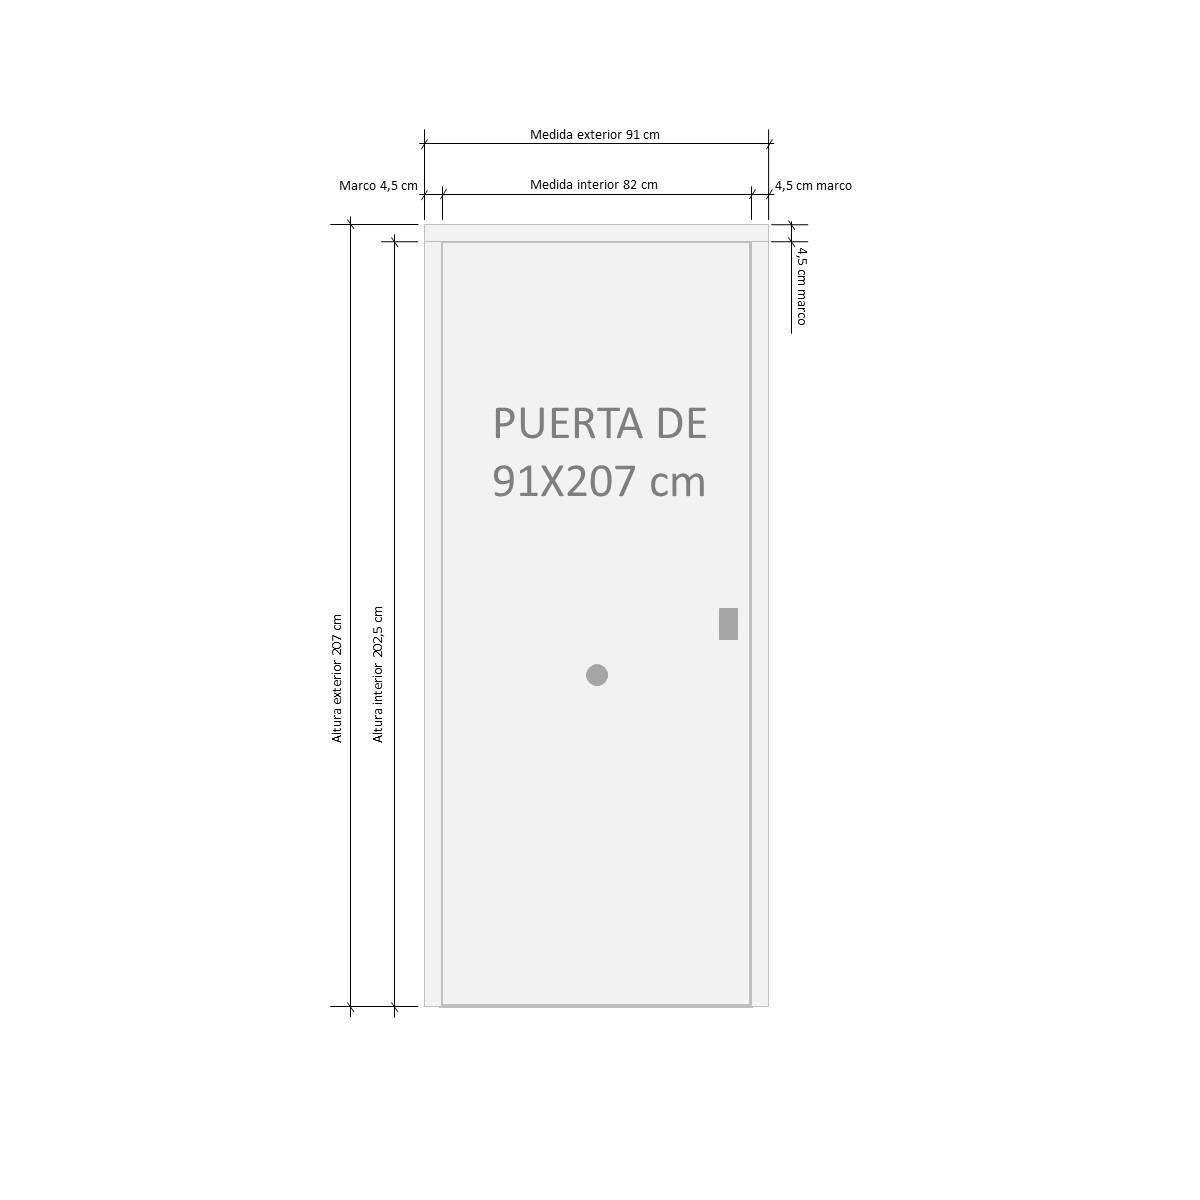 Puerta acorazada Verona Cearco Puertas acorazadas Serie B4-BL